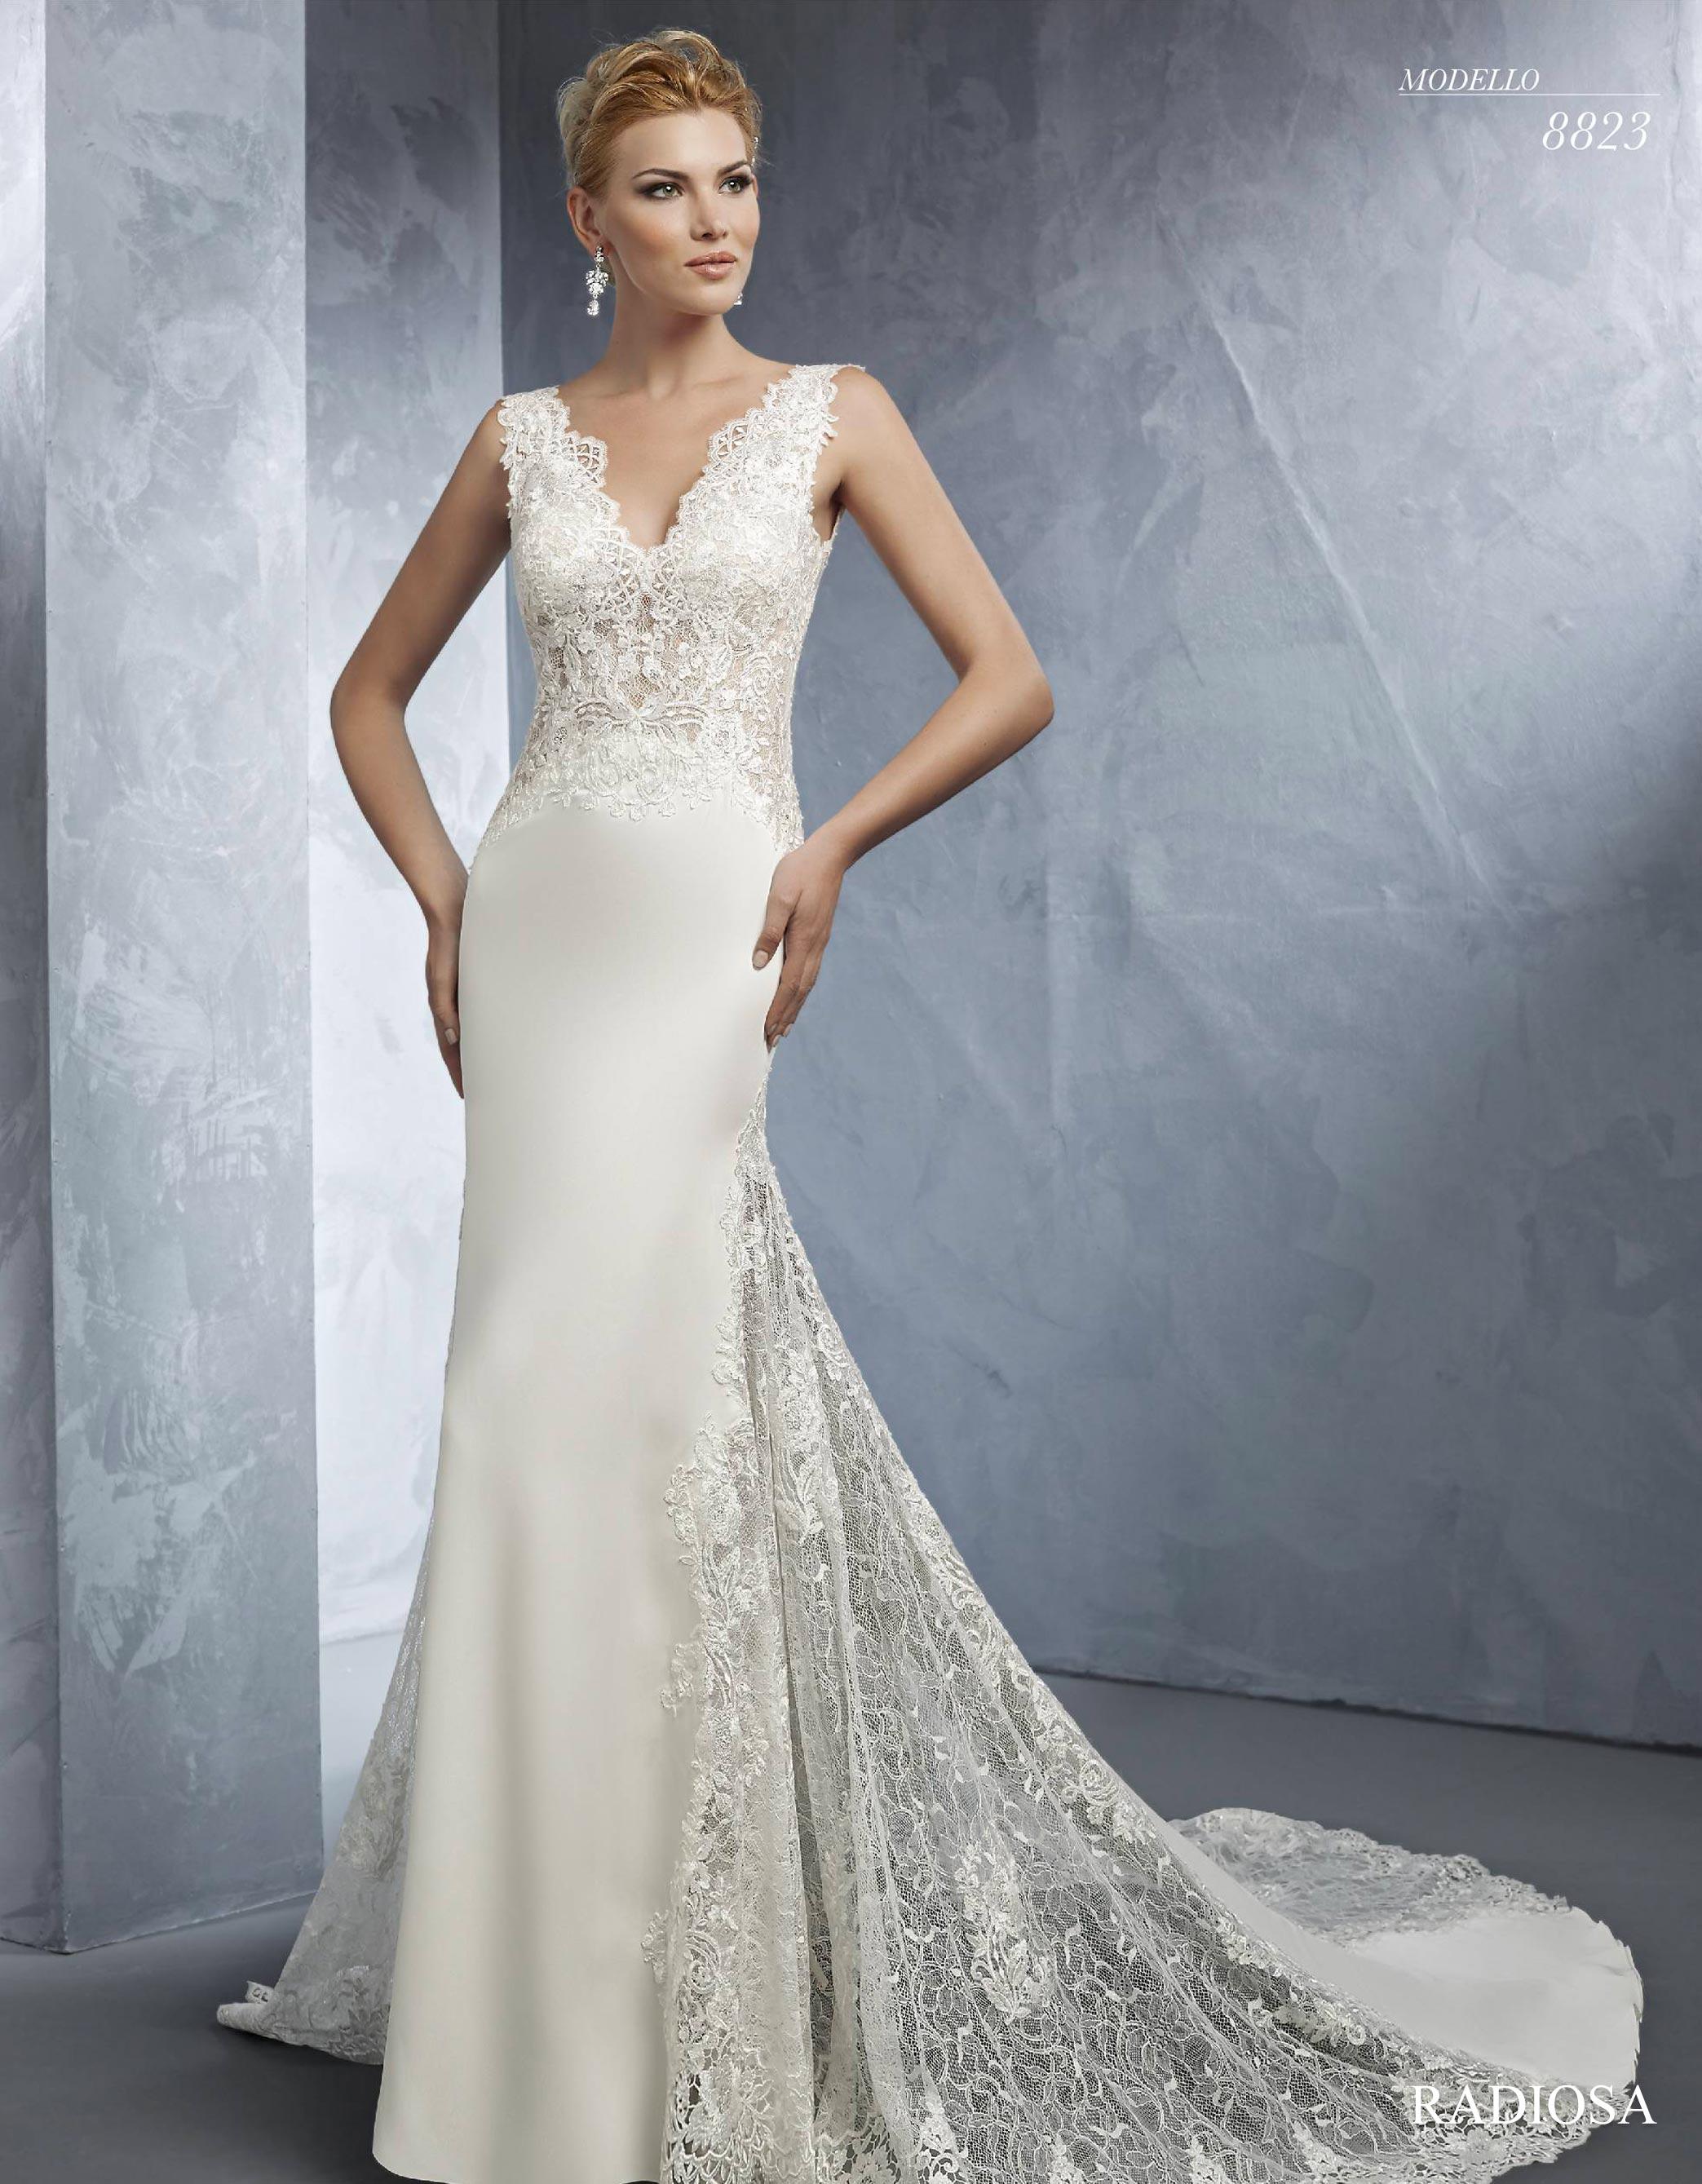 Vestito da sposa a sirena in pizzo e seta Radiosa